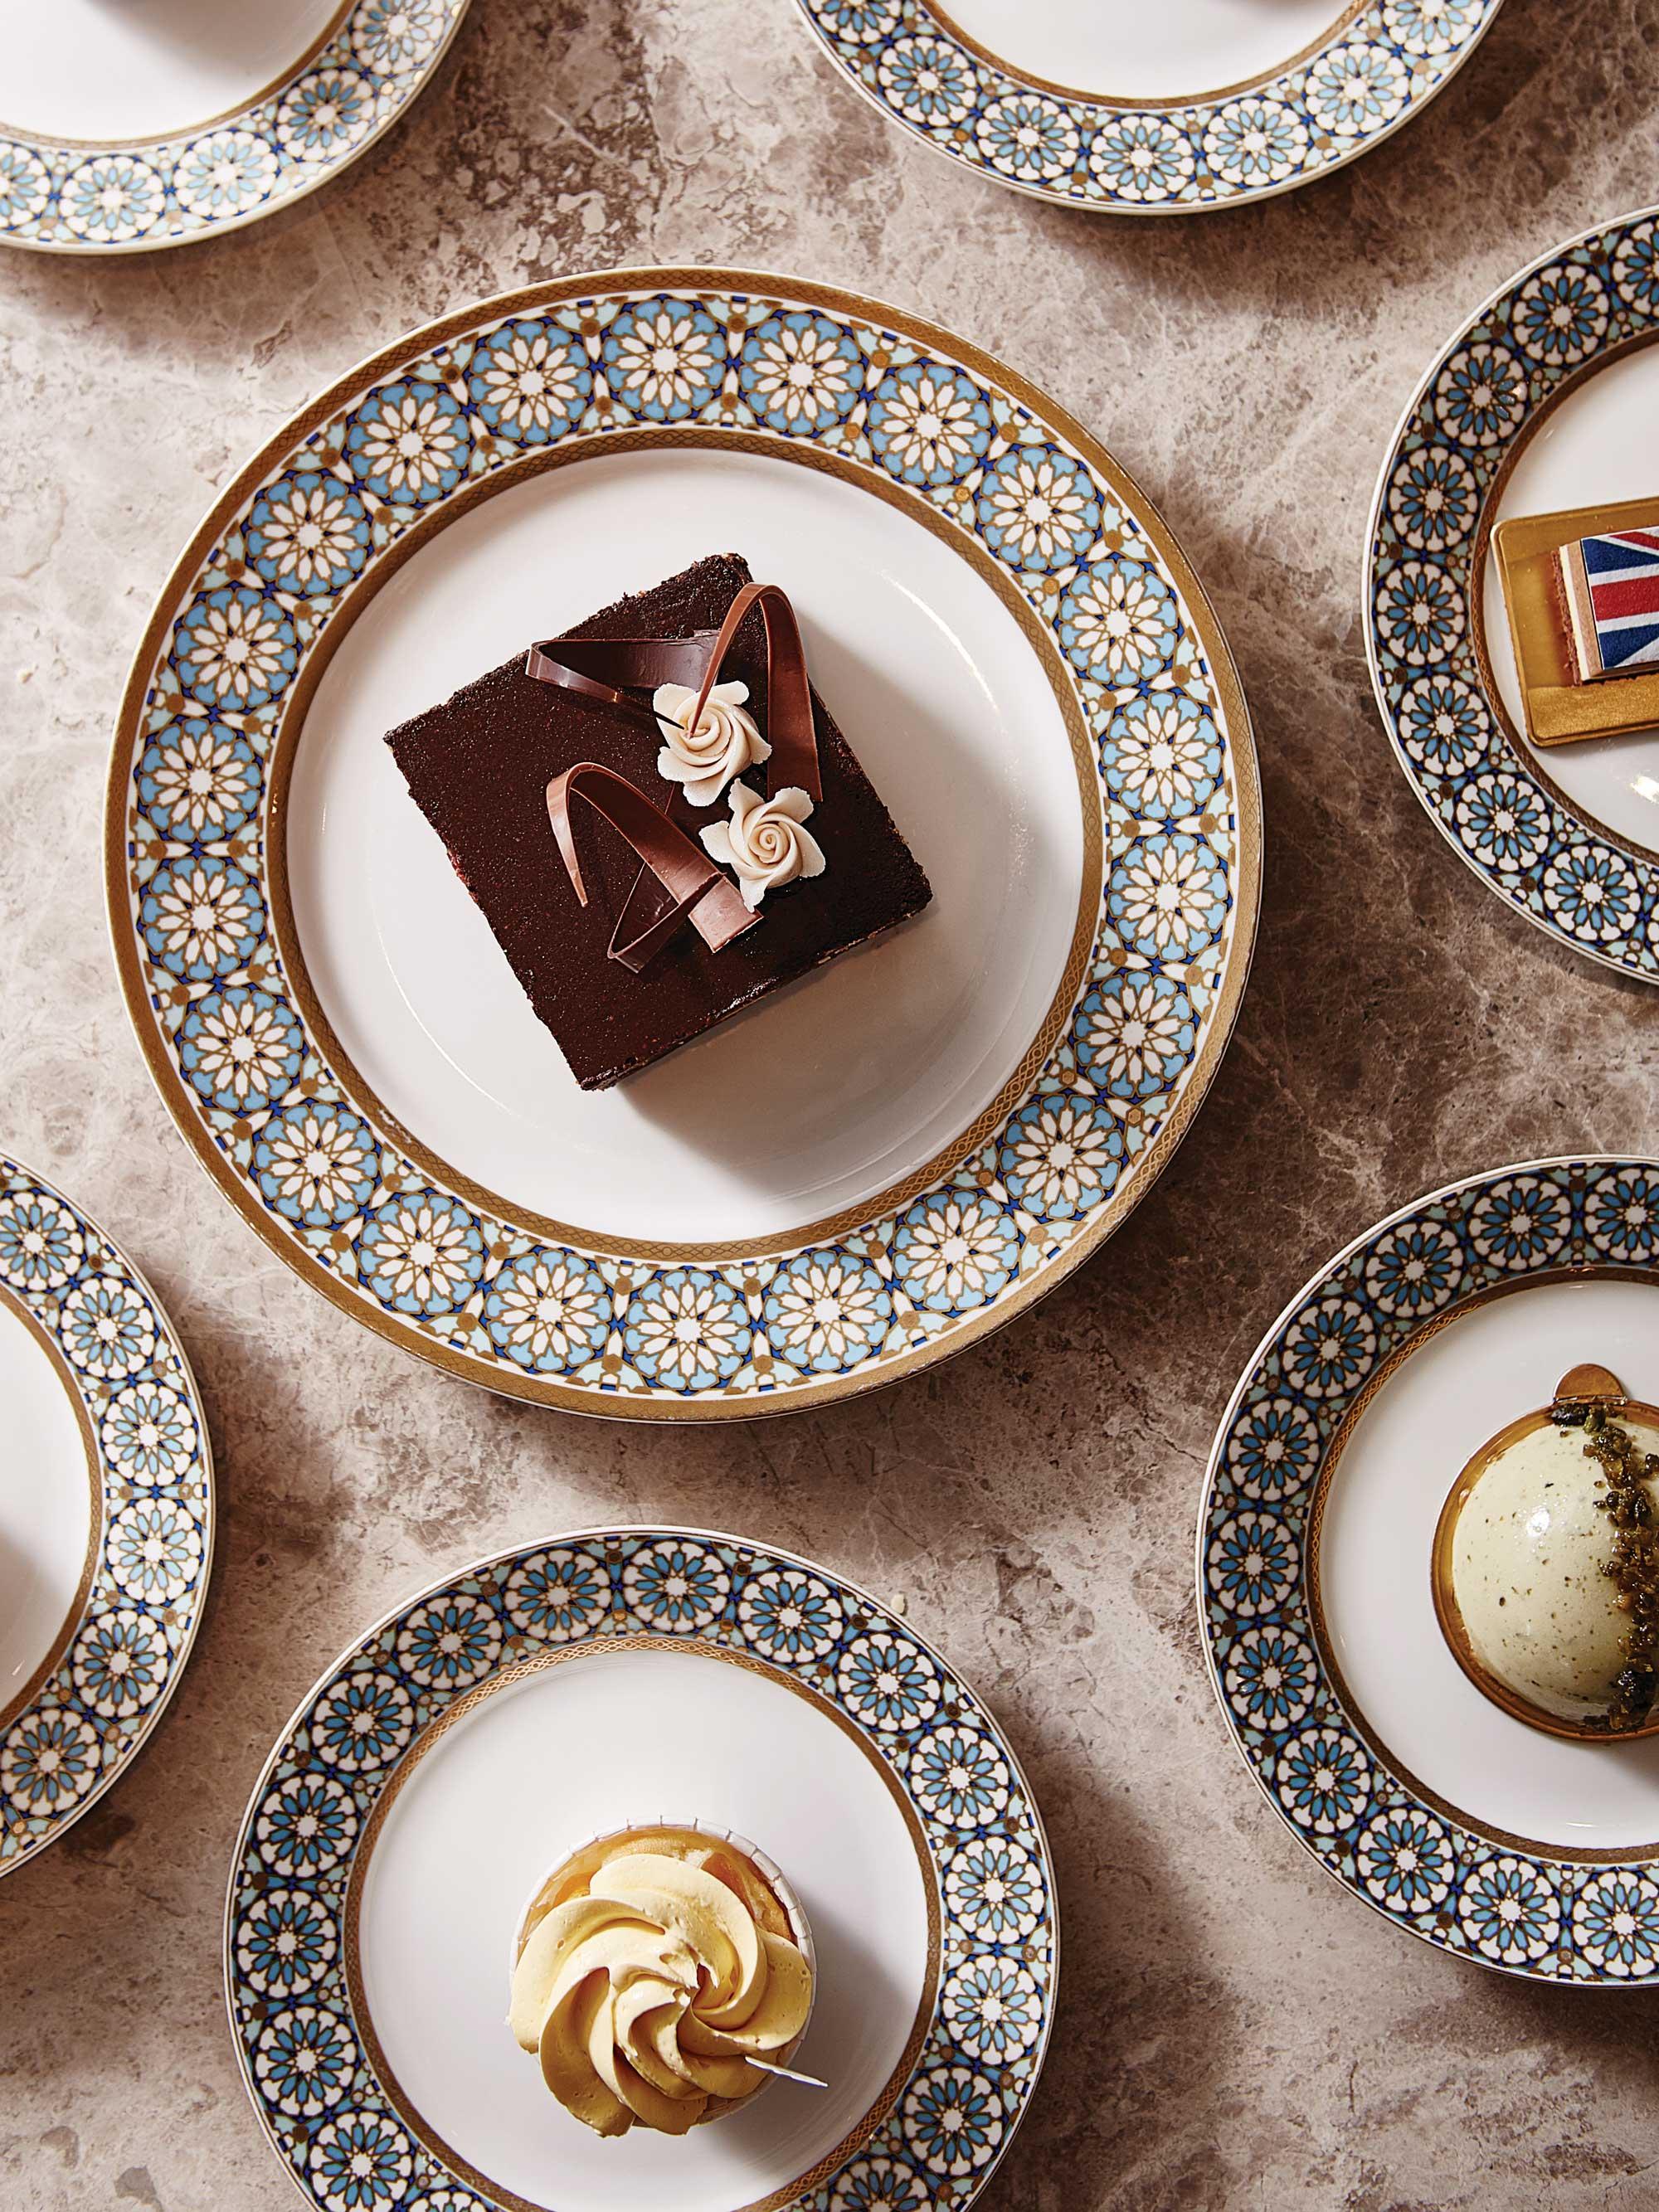 국 왕실의 디저트를 맛볼수있는더로열터치. 캐롤린 롭 셰프의 초콜릿 비스킷은 꼭 맛보아야 한다.